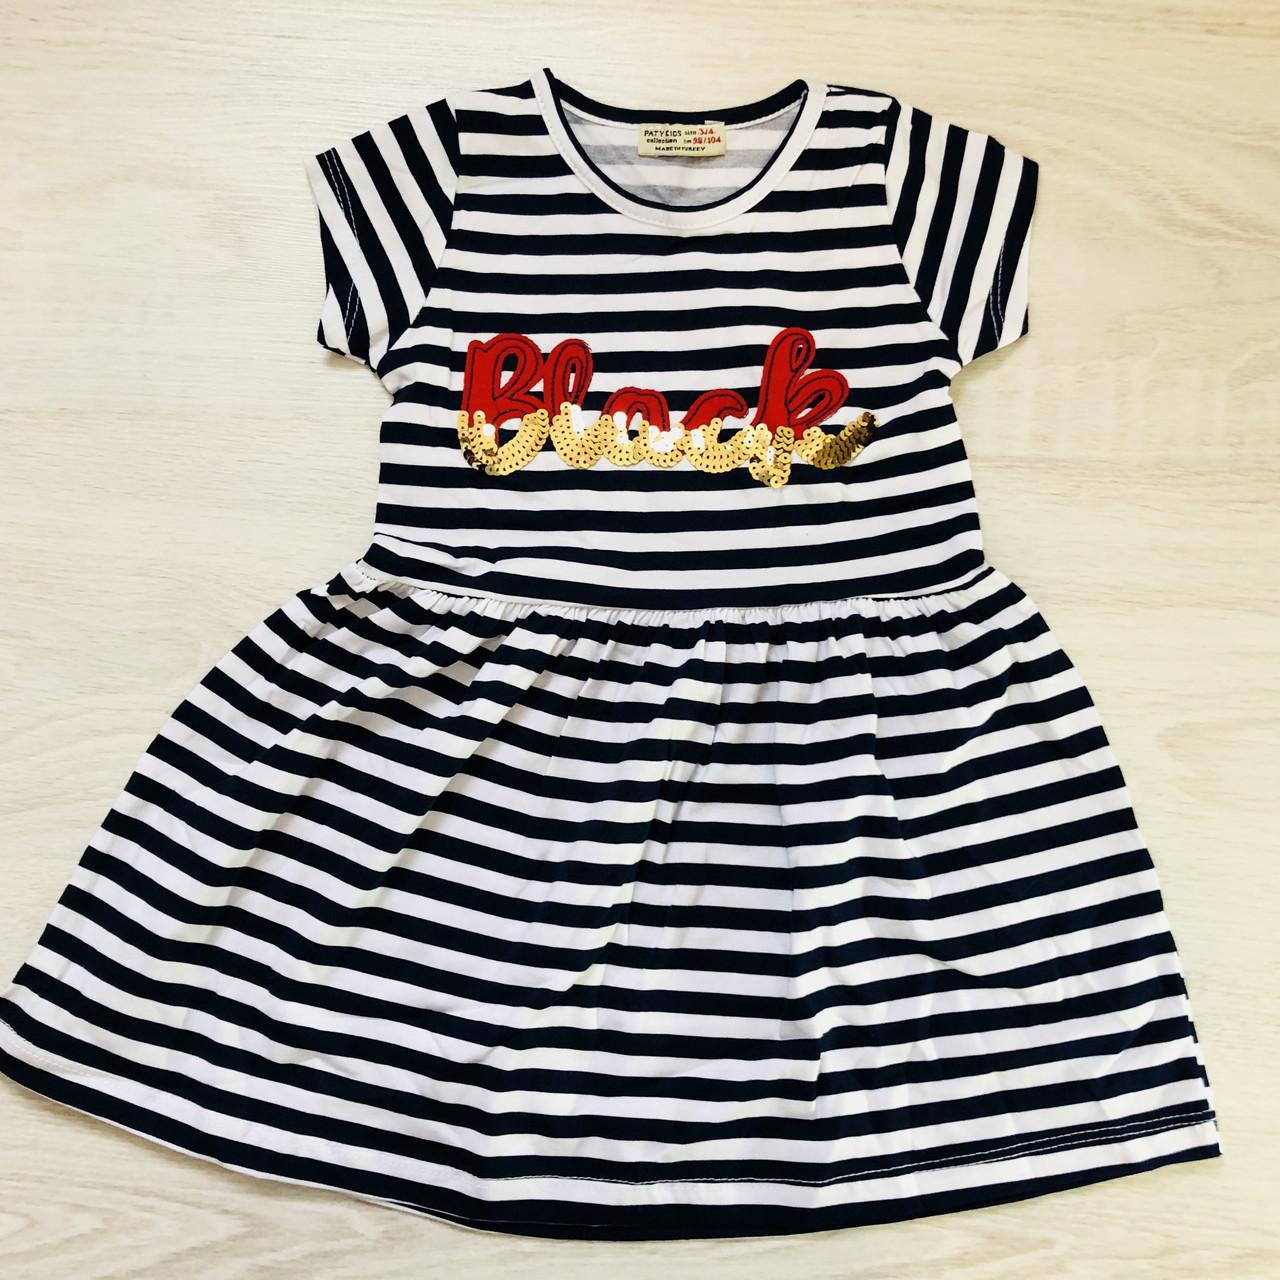 Платье   Paty Kids   (3-7 ЛЕТ)